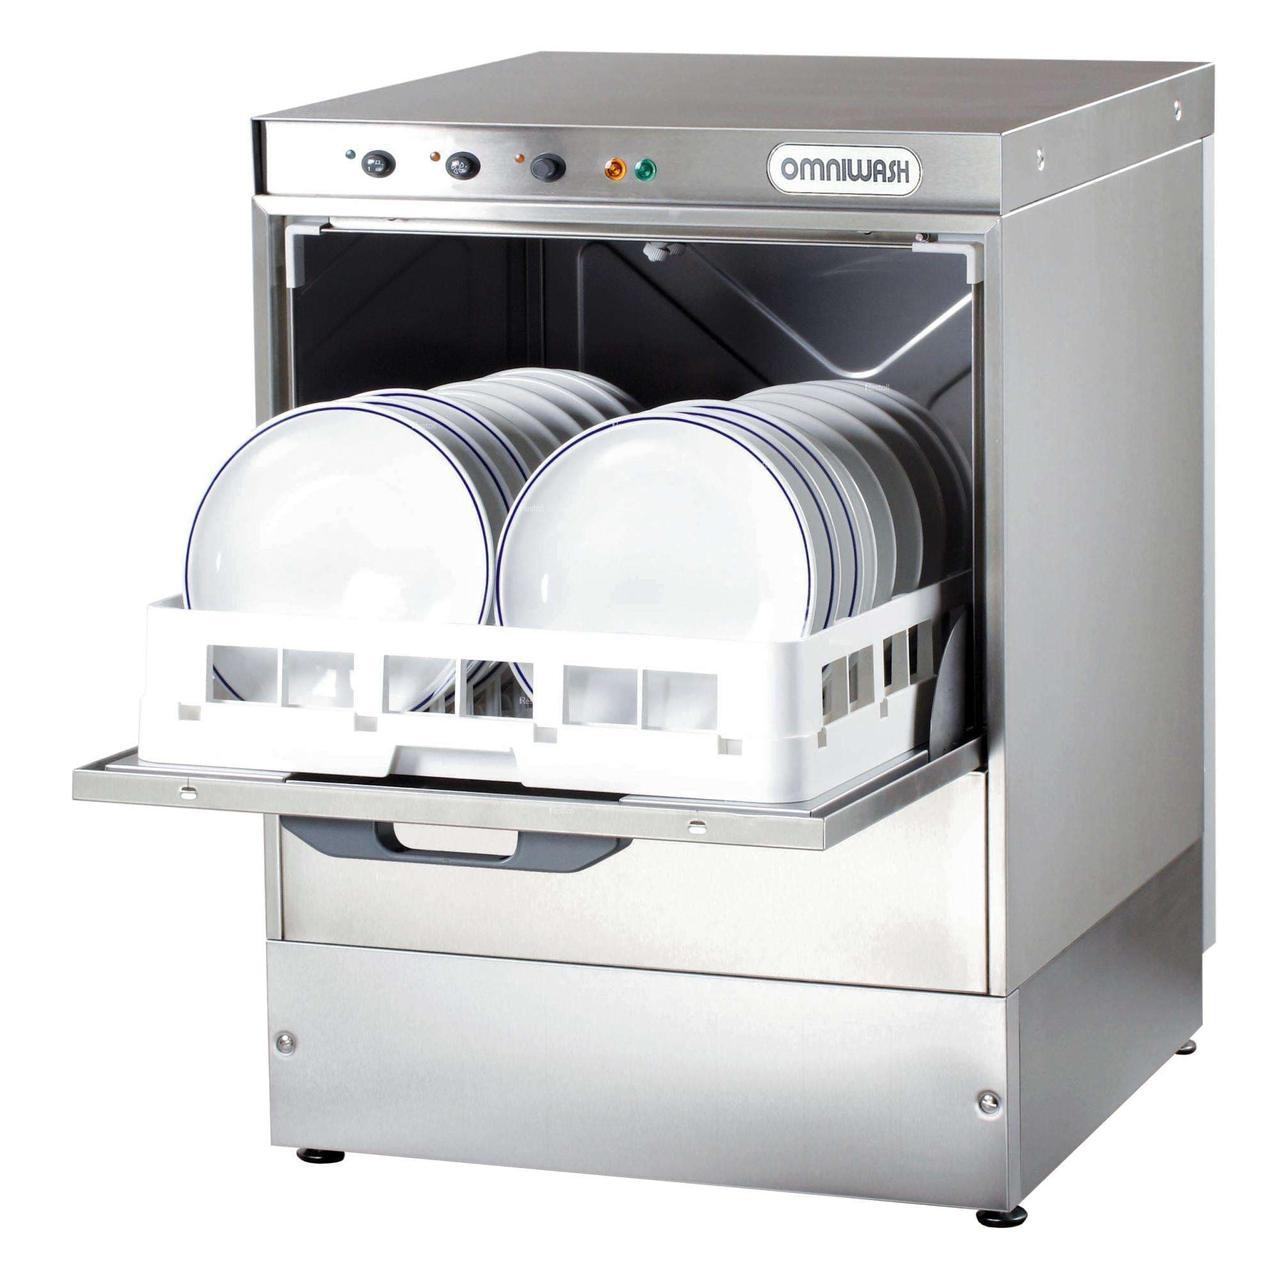 Фронтальная посудомоечная машина Omniwash Jolly 50